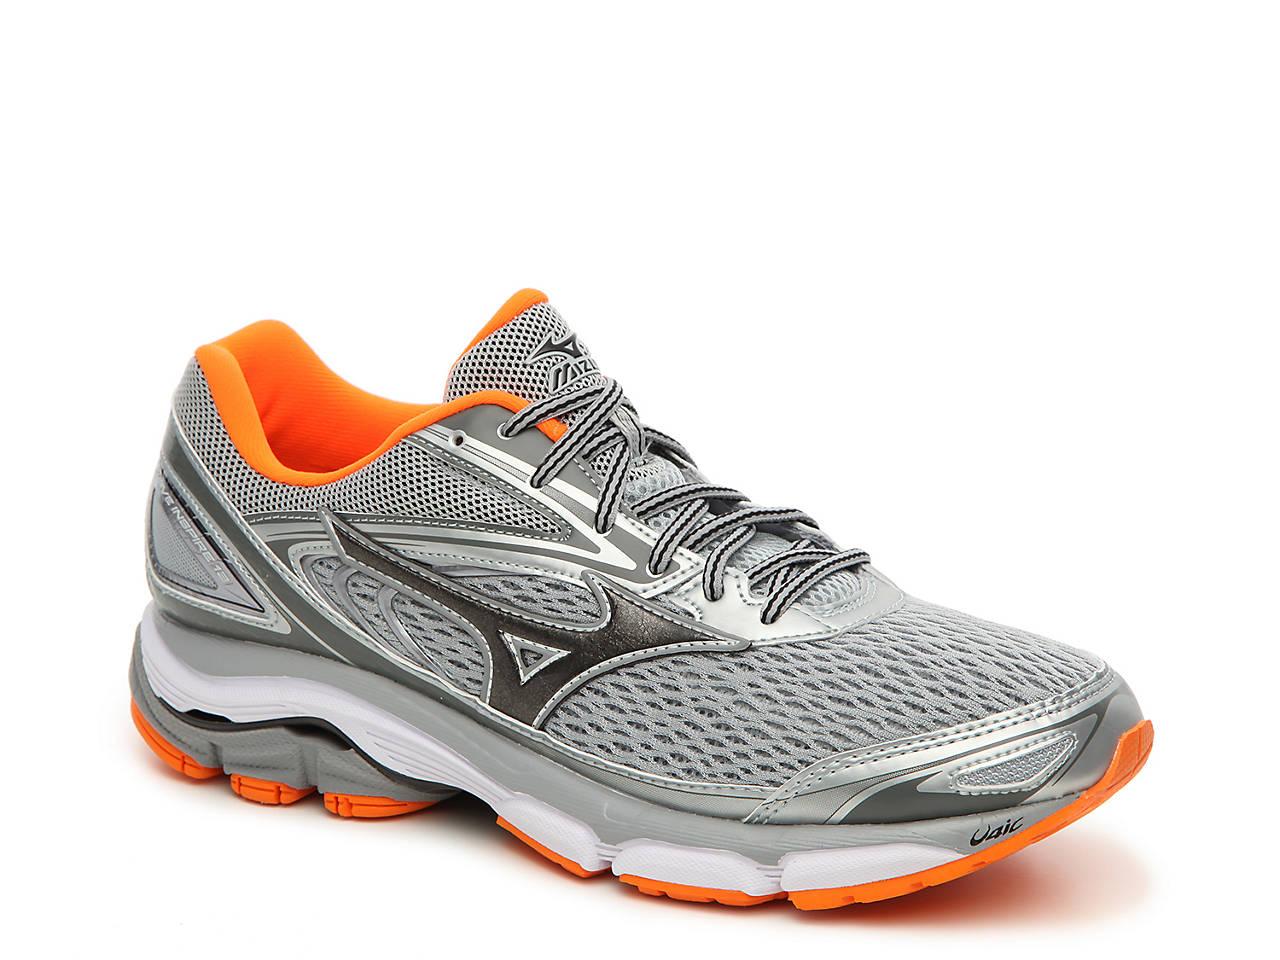 2ba802f9186b Mizuno Wave Inspire 13 Running Shoe - Men's Men's Shoes | DSW